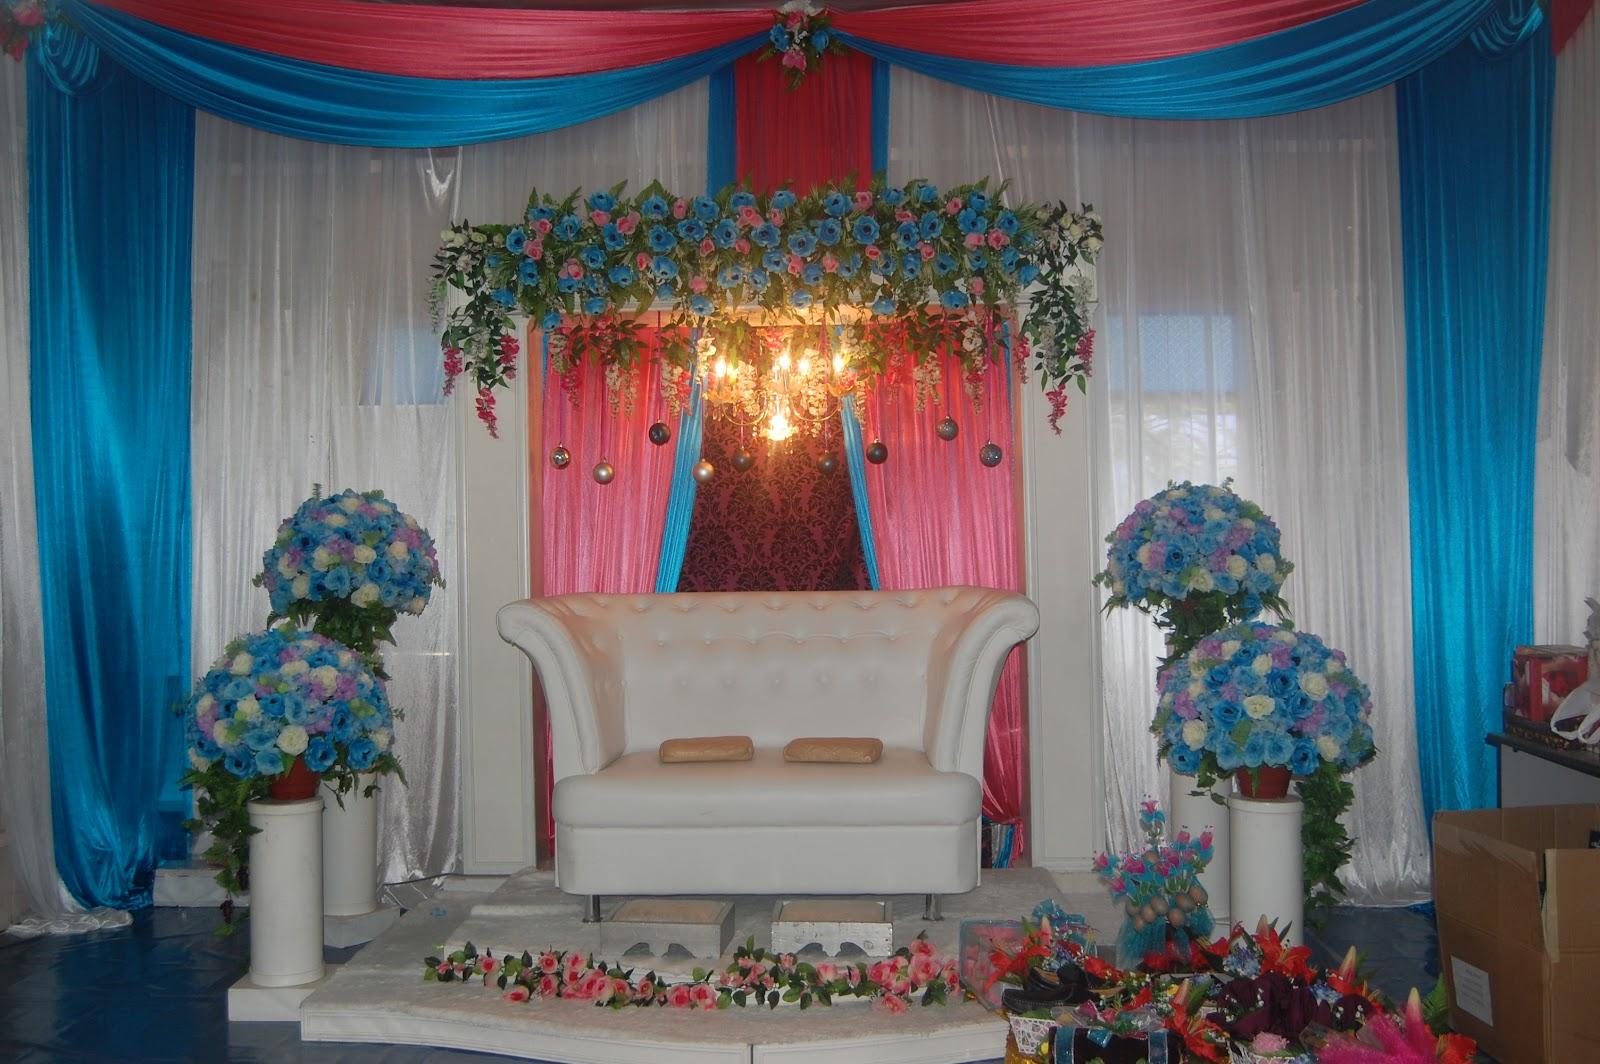 Ia Menyediakan Pelbagai Jenis Perkhidmatan Bagi Pakej Perkahwinan Seperti Hiasan Pelamin Bilik Pengantin Solekan Set Meja Beradab